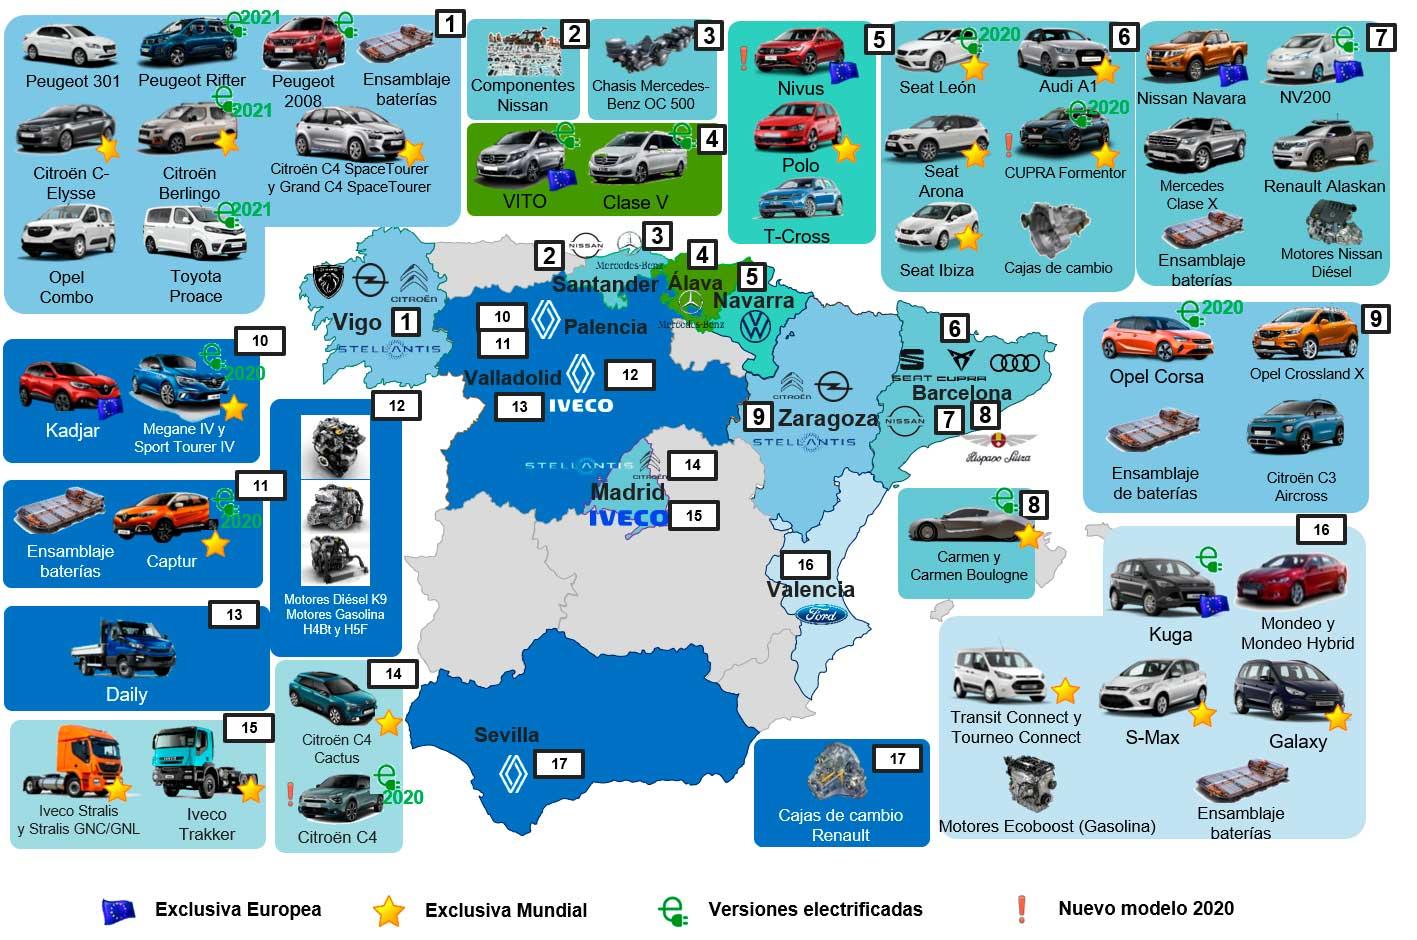 Mapa de fábricas de vehículos en España